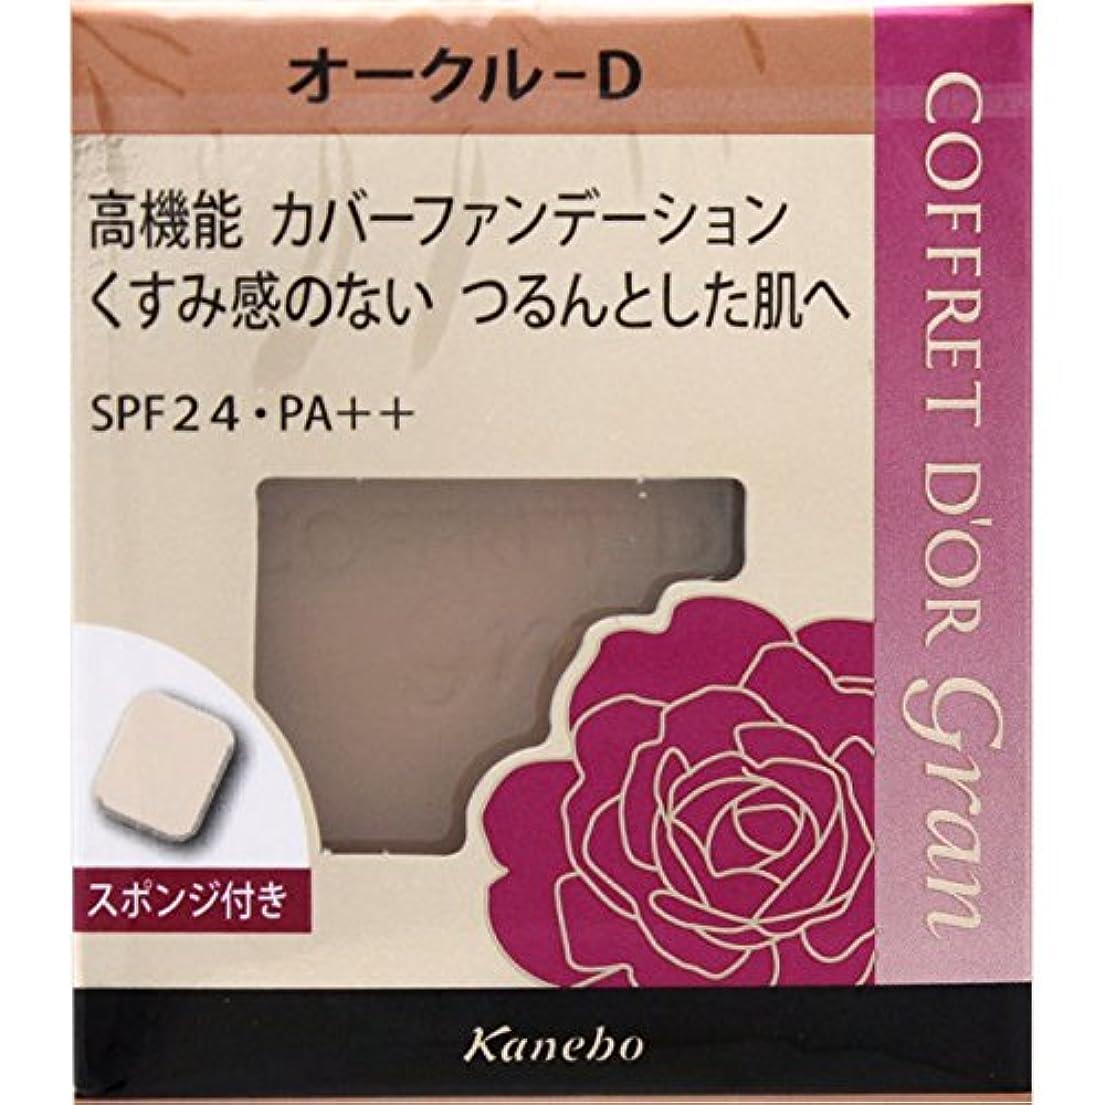 針奇跡物理的なカネボウ(Kanebo) コフレドールグランカバーフィットパクトUVII《10.5g》<カラー:オークルD>